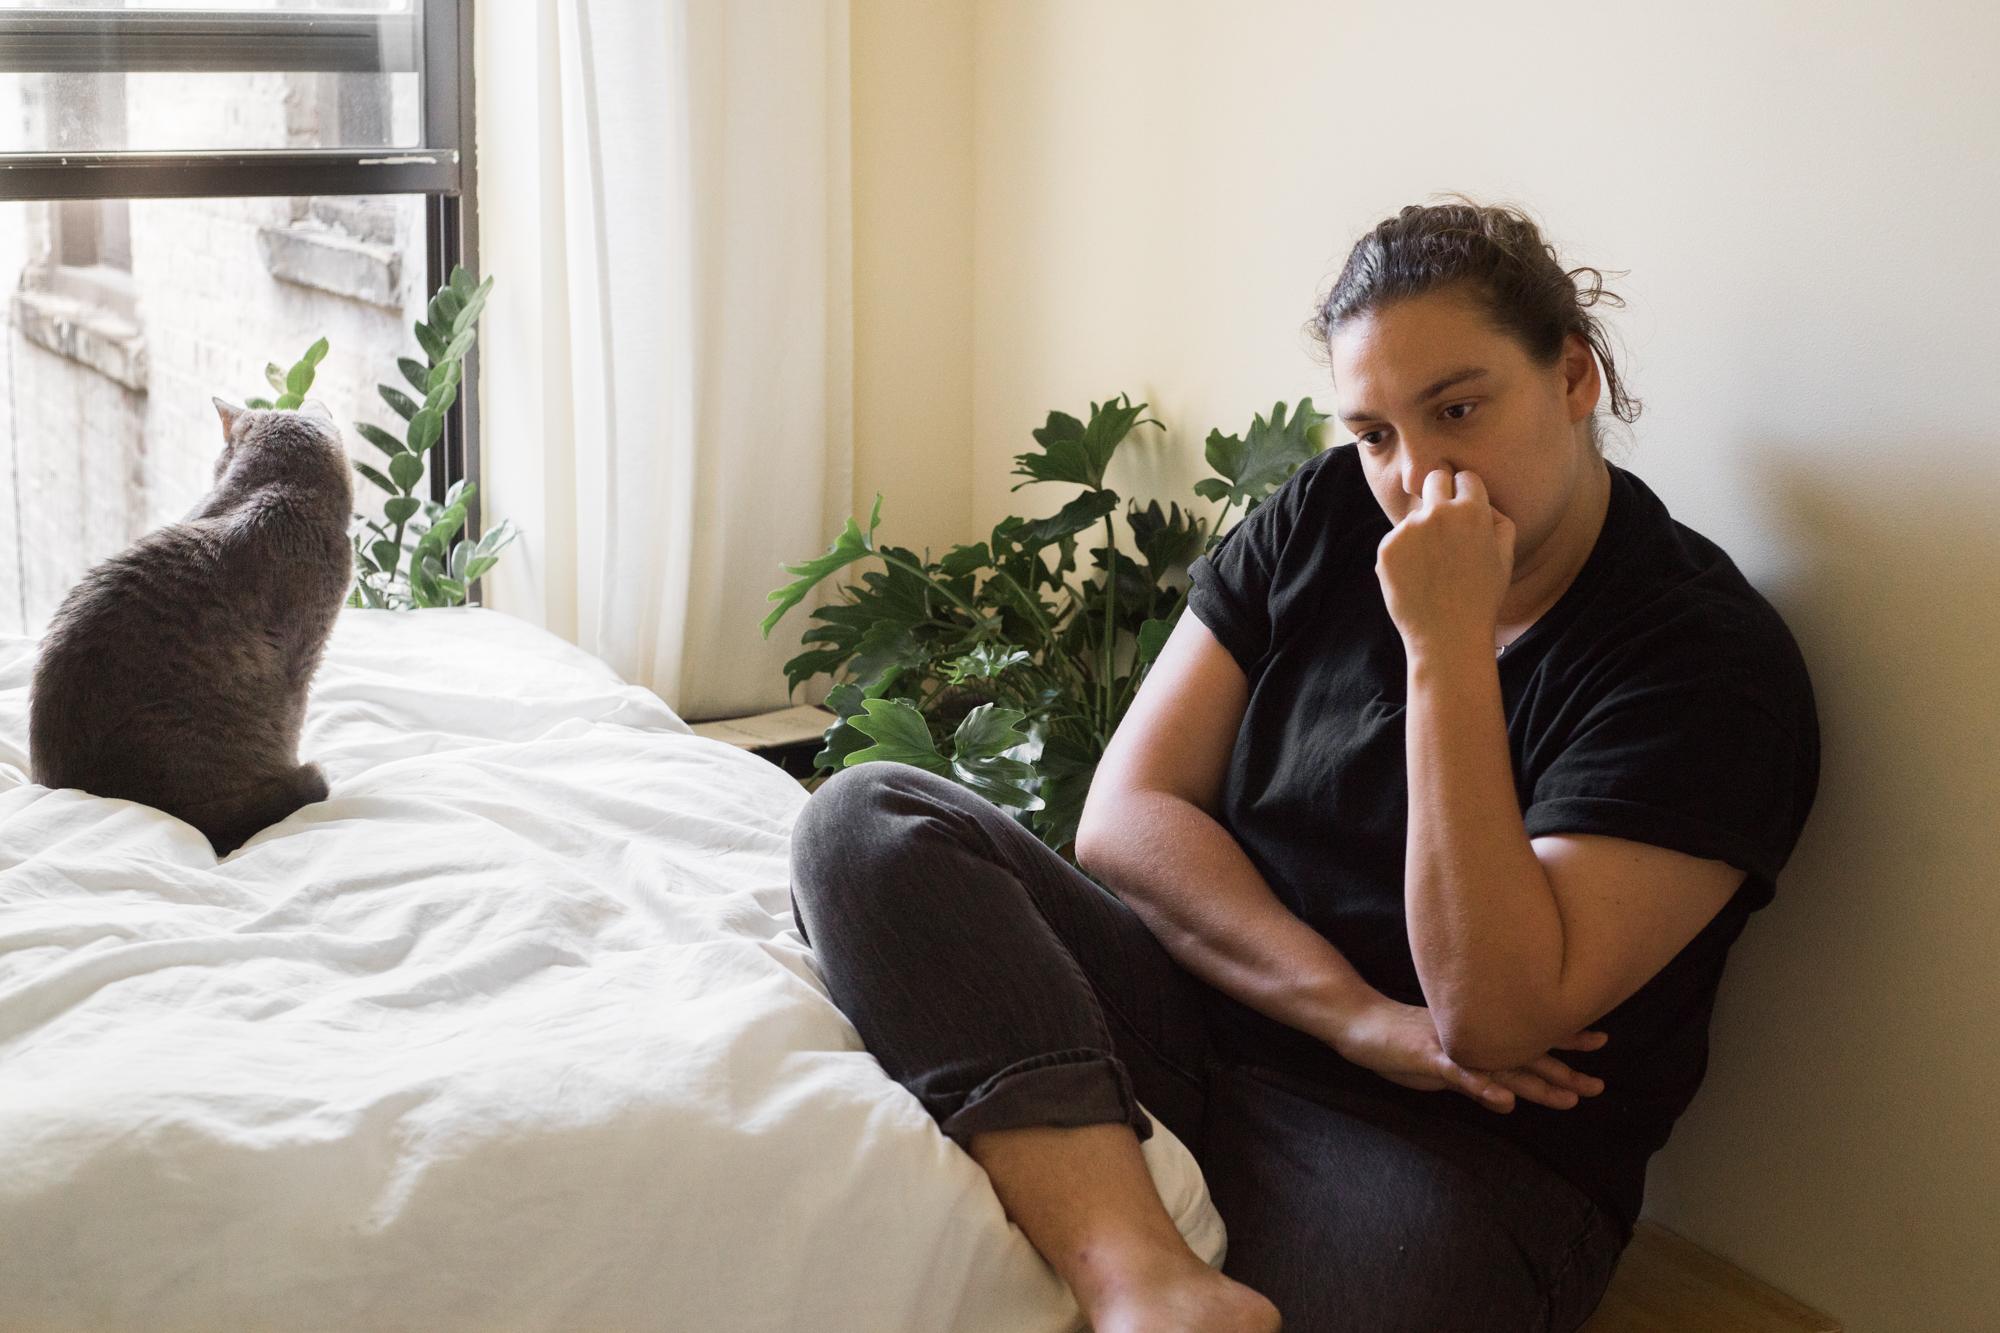 Elle Pérez, Flushing, NY, 2017 . Photograph by Jordan Weitzman